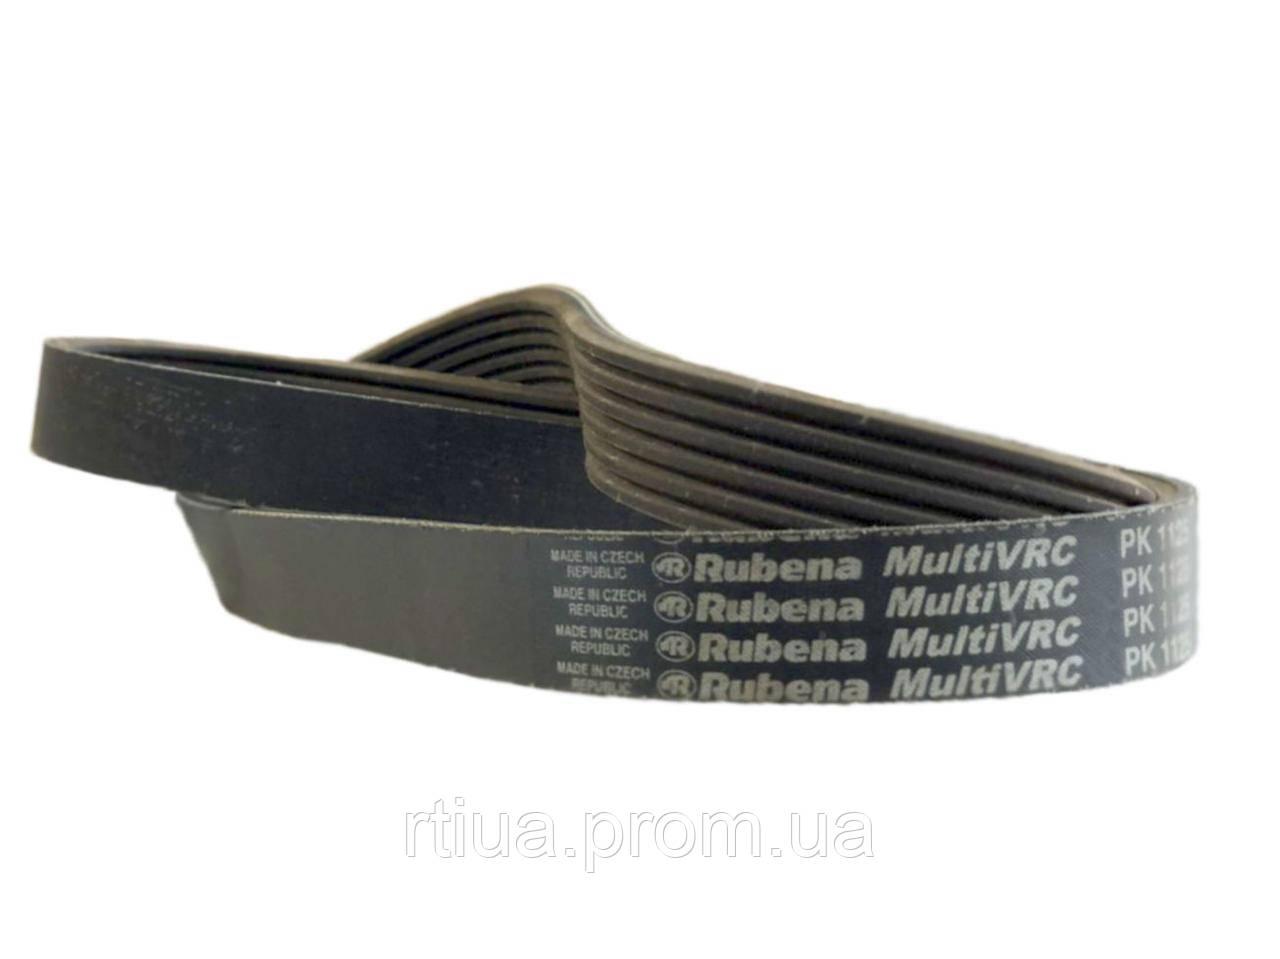 Ремень поликлиновой 5PK - 1050 Rubena